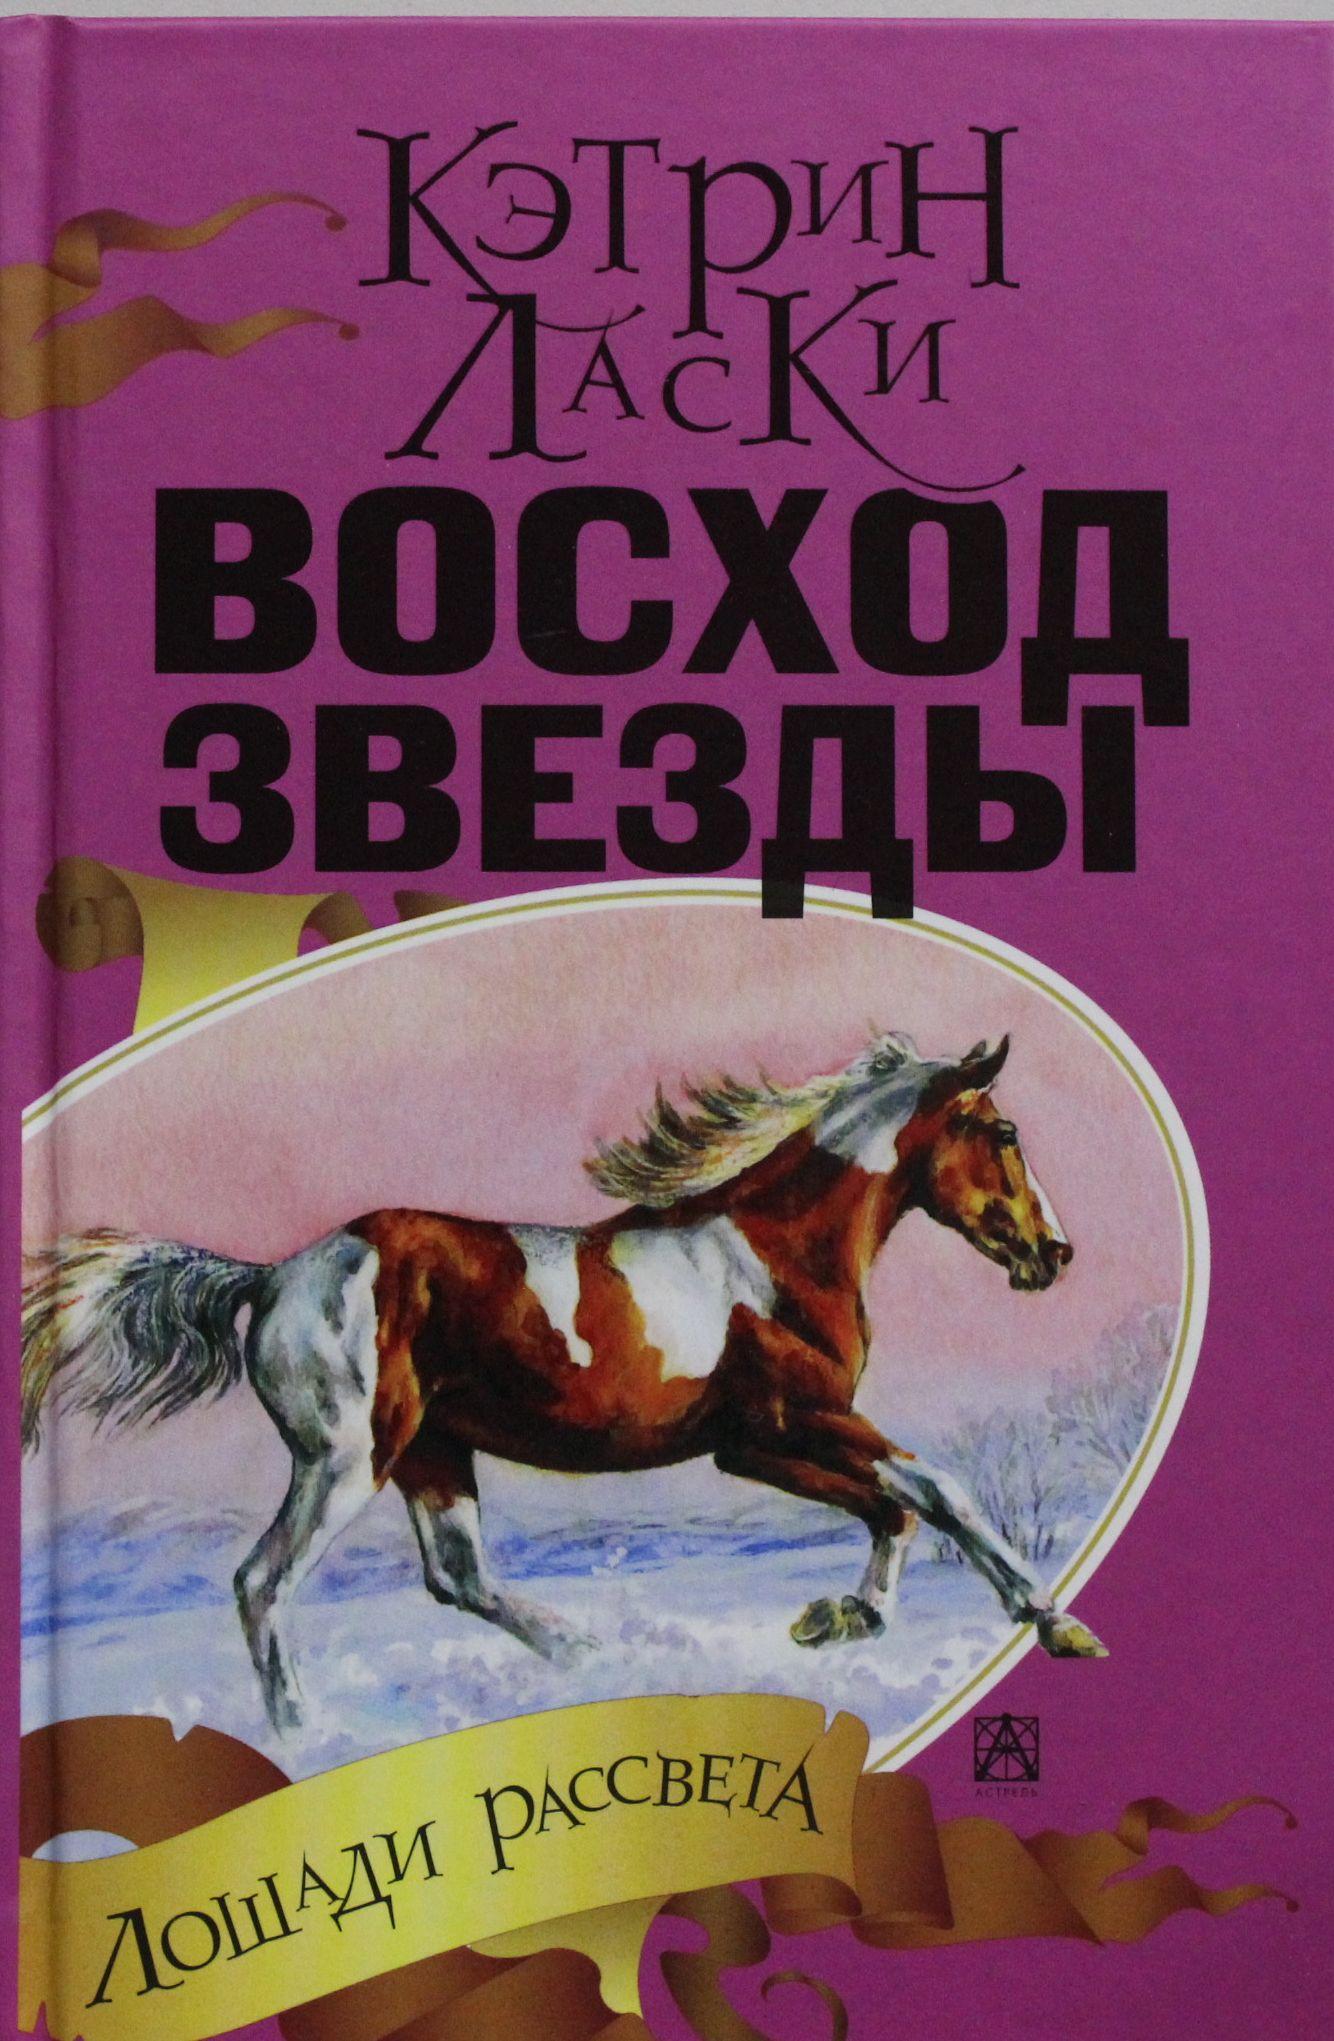 Voskhod Zvezdy